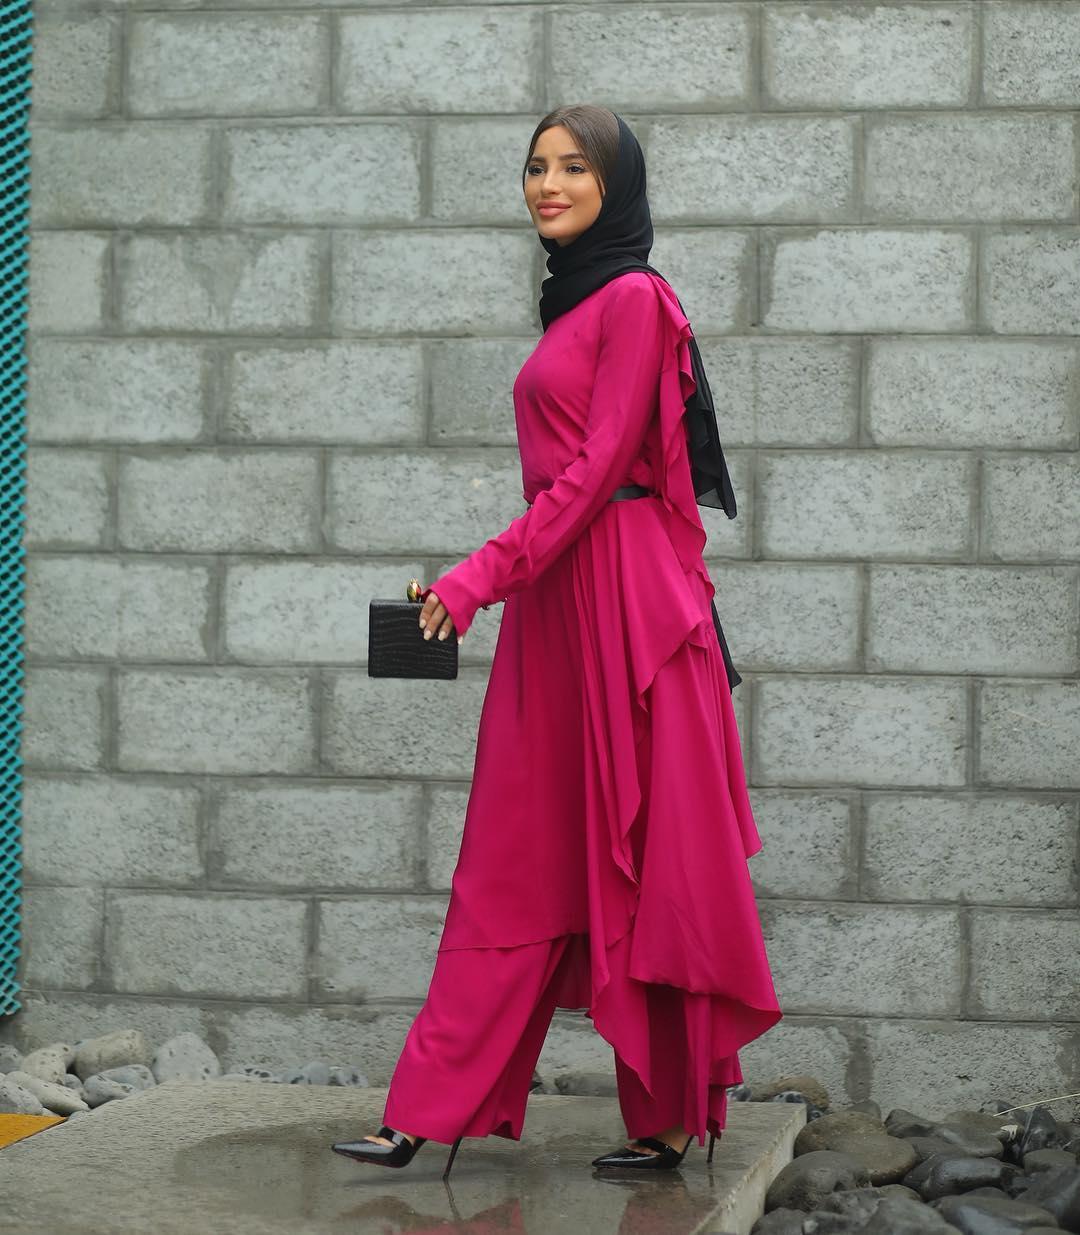 اطلالة مونوكروم باللون الزهري الفوشي من وحي المدونة المحجبة فاطمة حسام